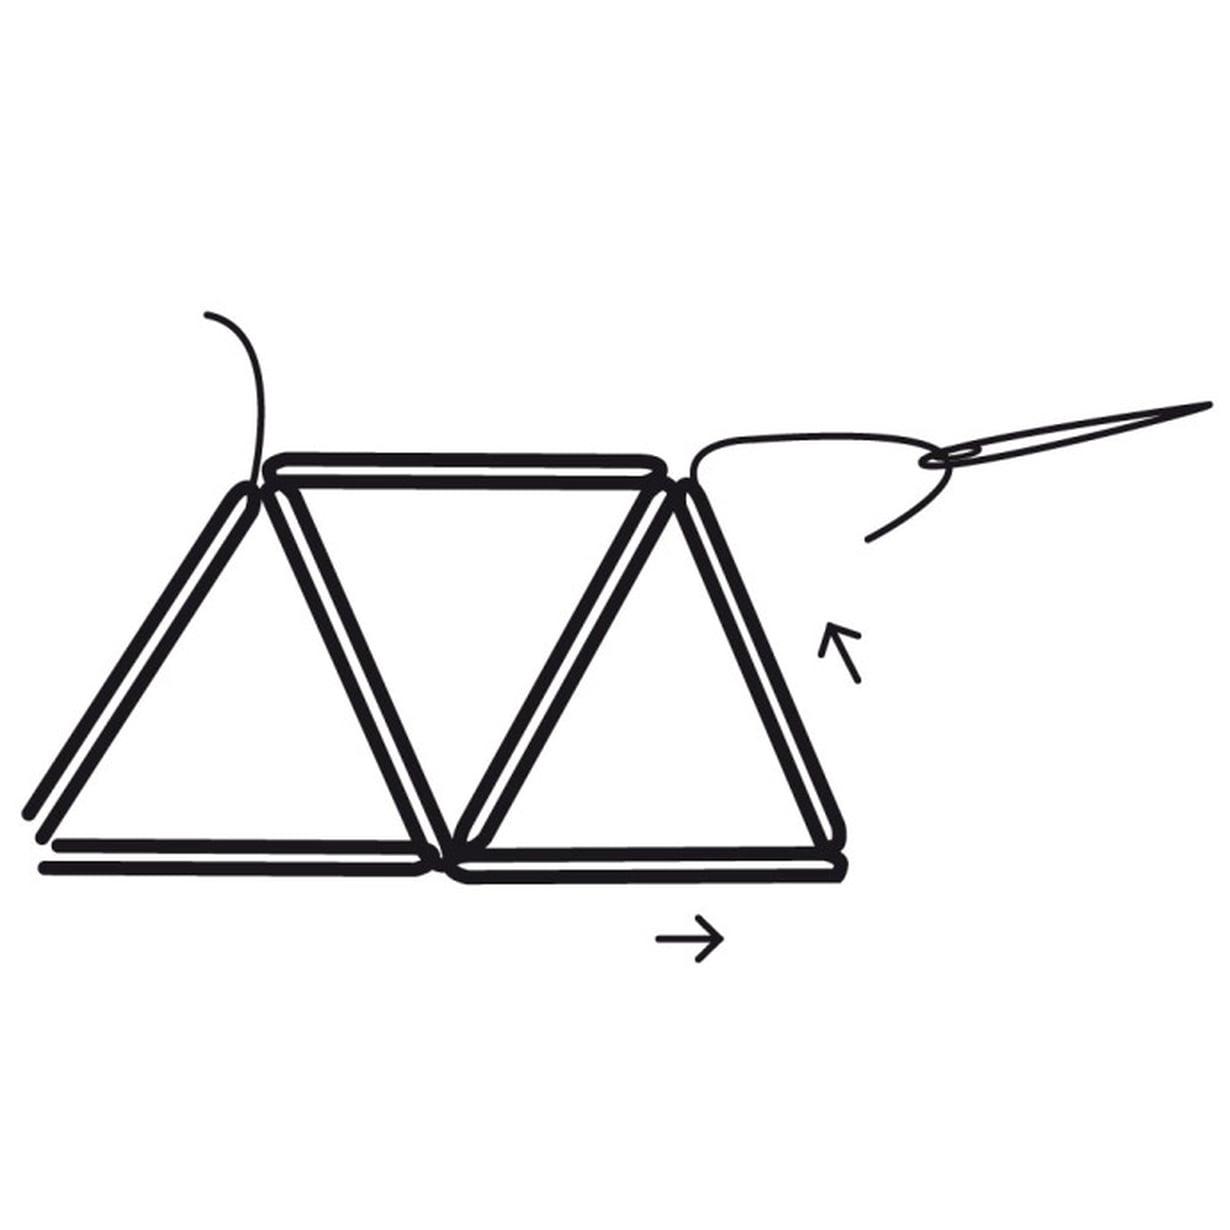 Pujota lankaan kaksi pilliä, kiepauta kolmioksi ja kierrä lanka kaksi kertaa ylänurkan ympäri.